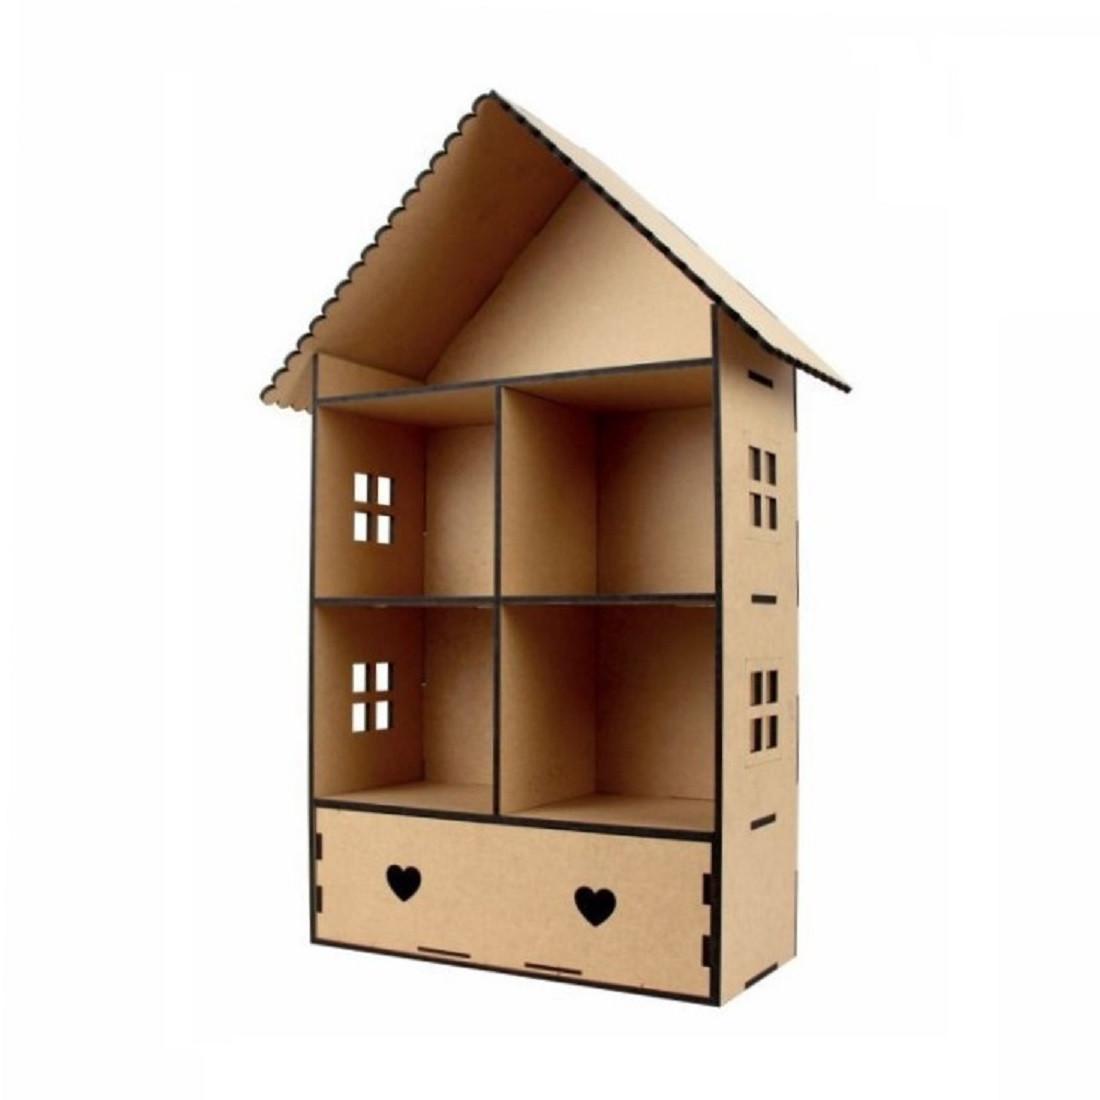 Кукольный домик Классический 2-х этажный с ящиком МДФ, 70х37х17см.